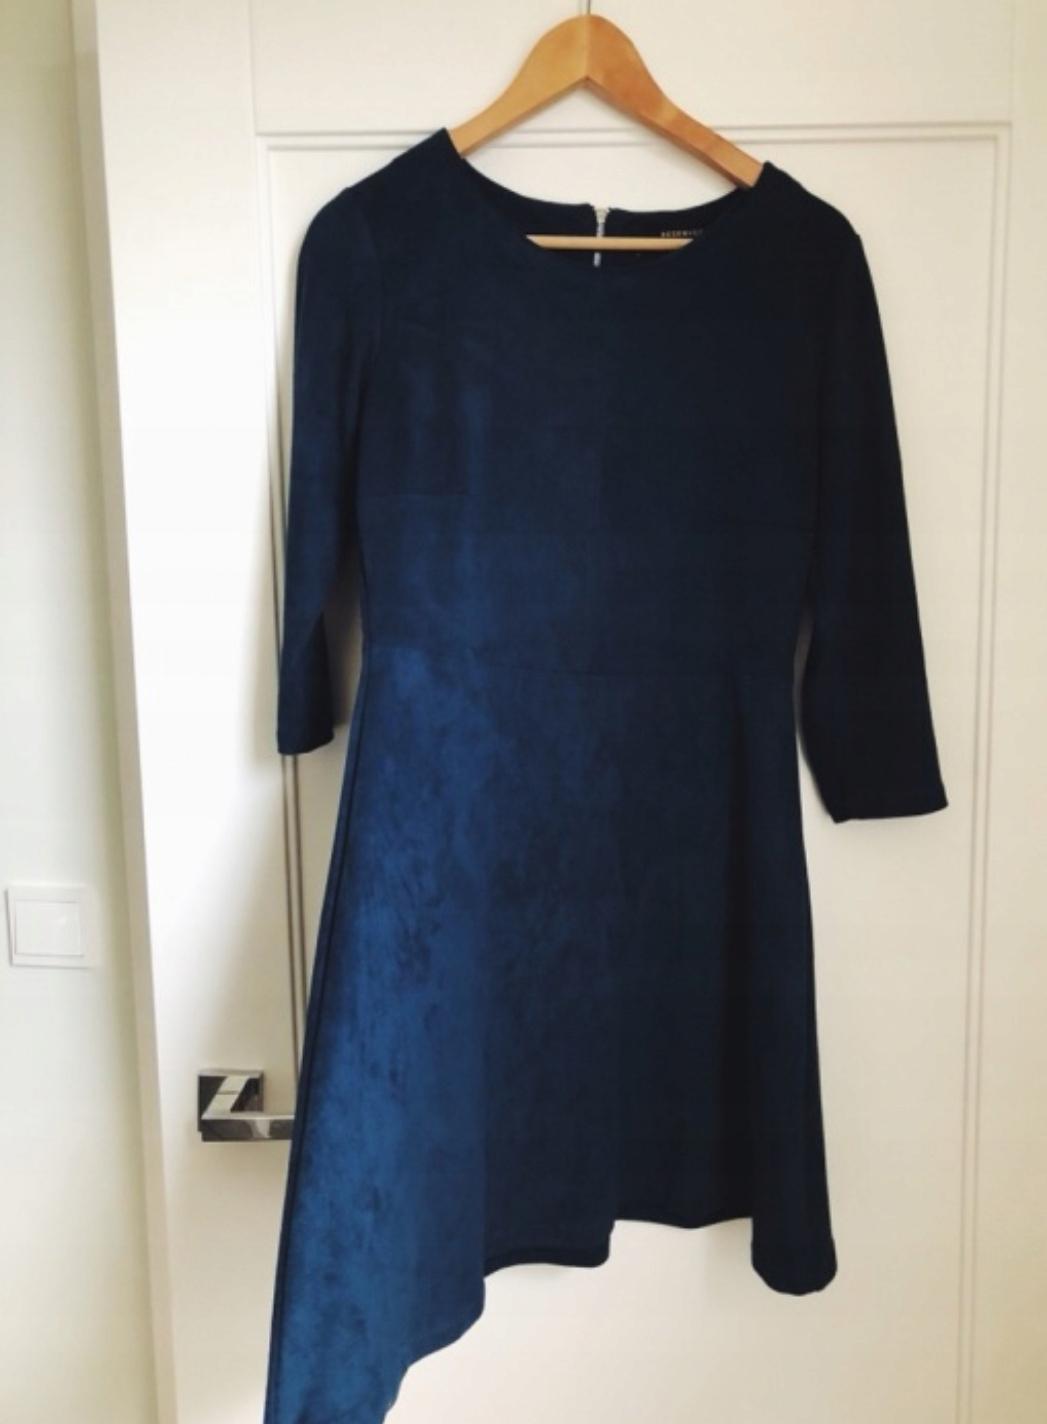 052ee6b5a0d7b Sukienka zamsz Reserved nowa S wyprzedaz - 7674213254 - oficjalne ...